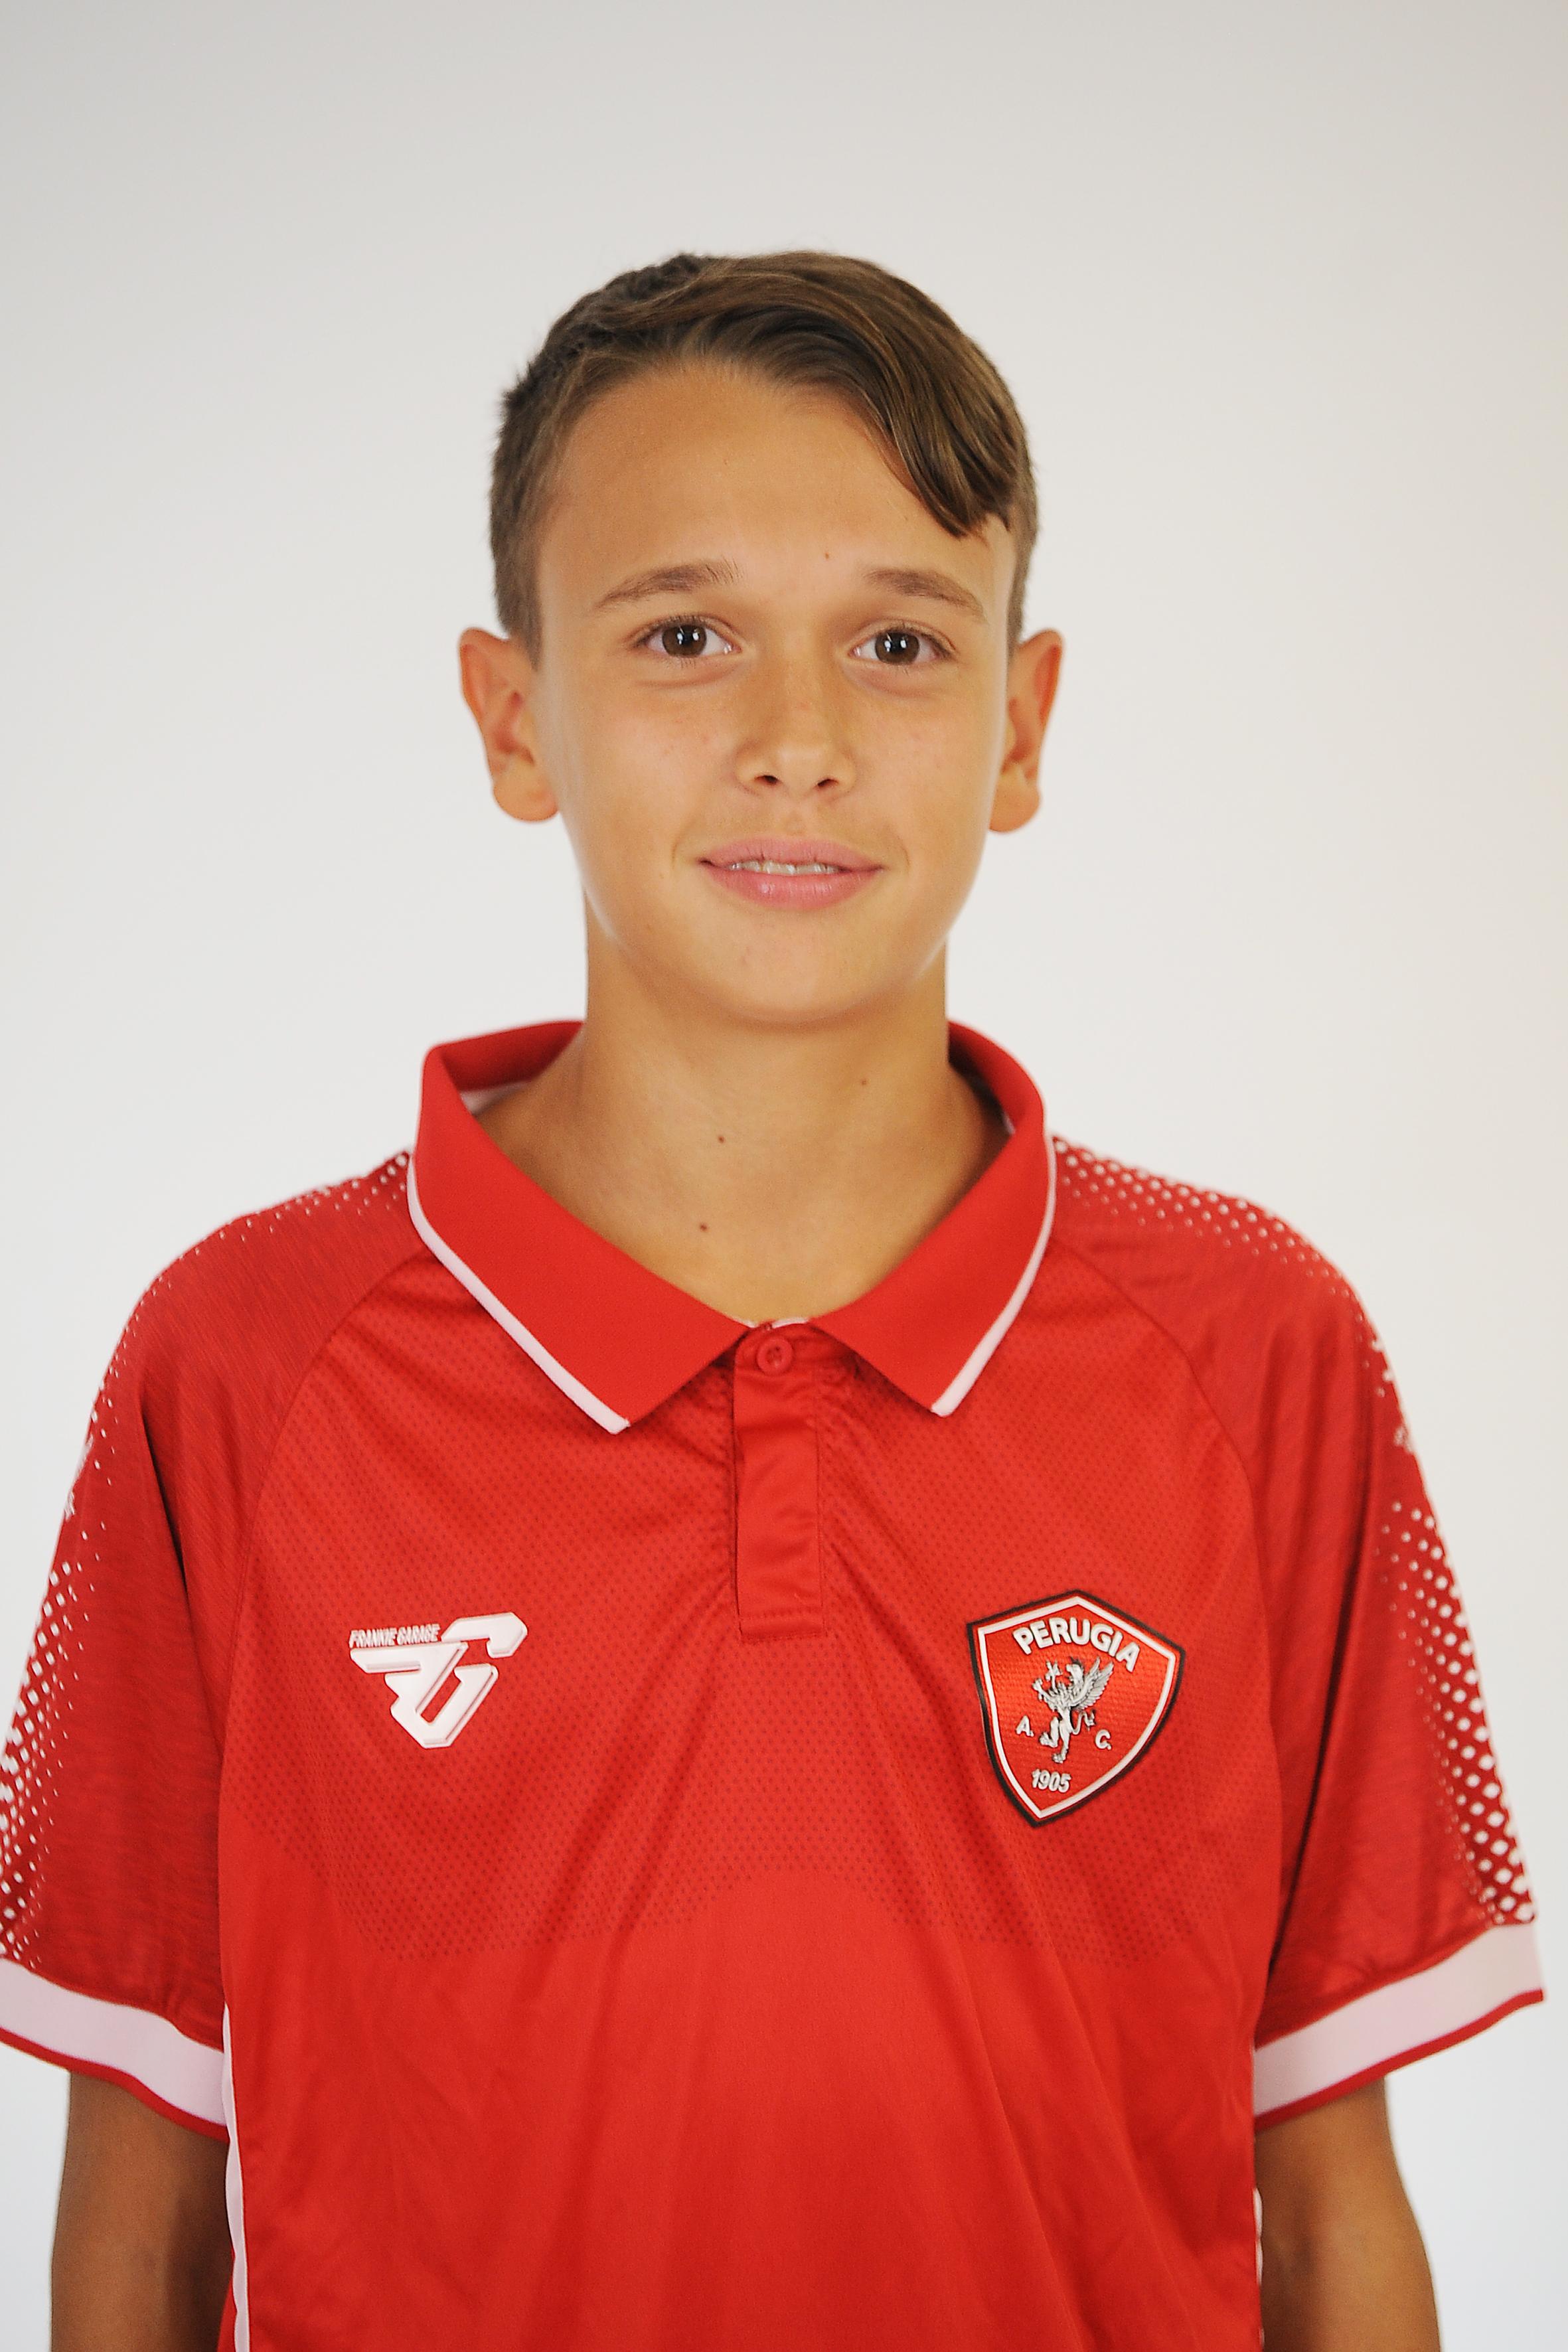 Gioele CardoniDifensore- A.C. Perugia Calcio